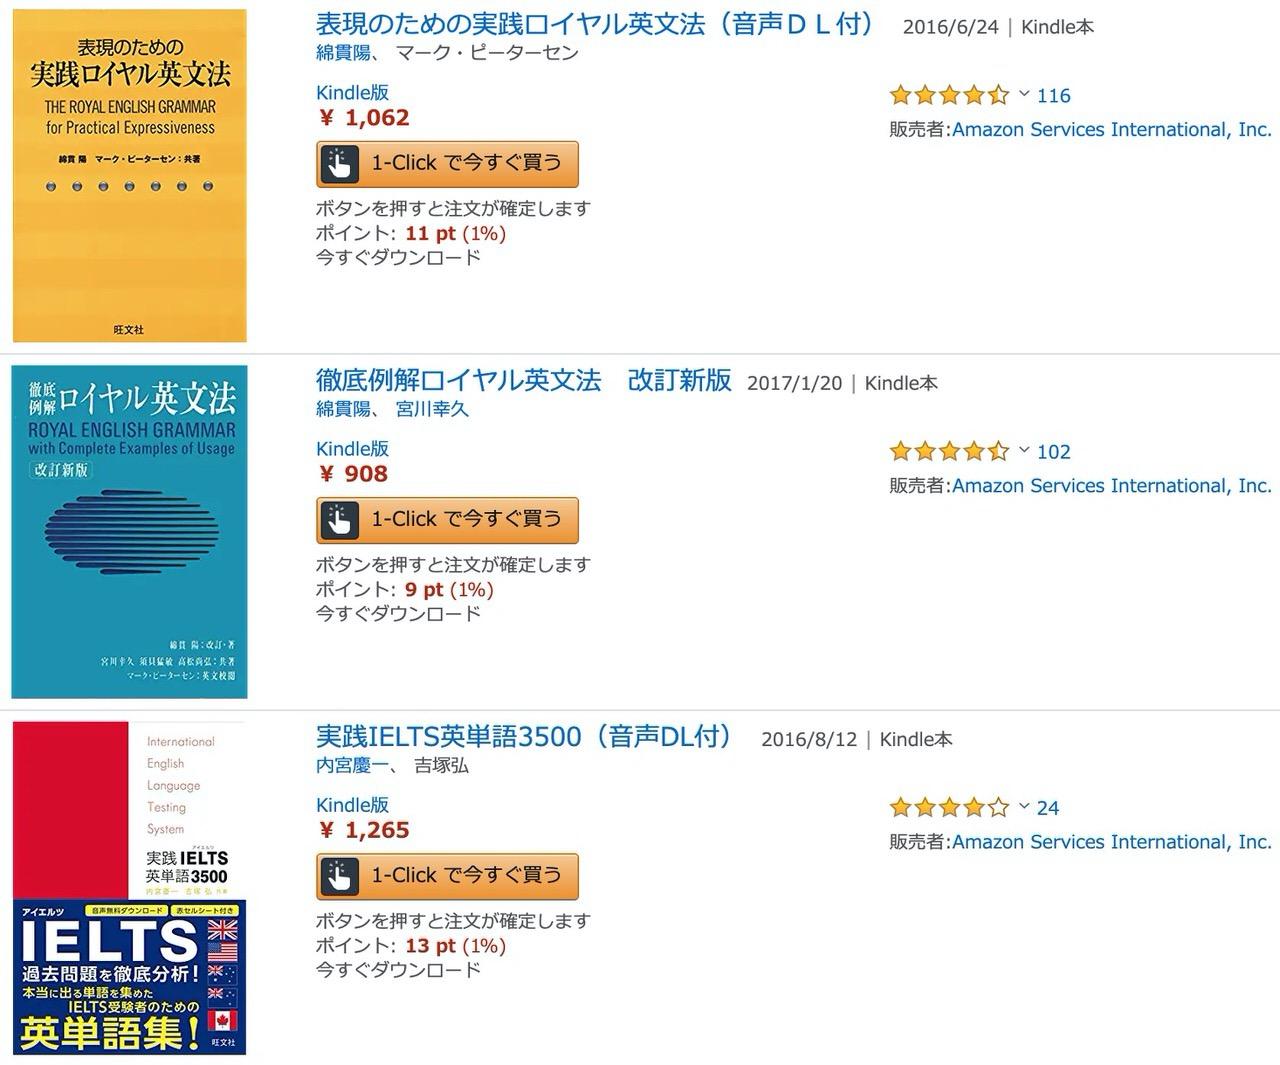 【Kindleセール】定番英語本から学習マンガまで!「勉強の秋」フェア(10/30)